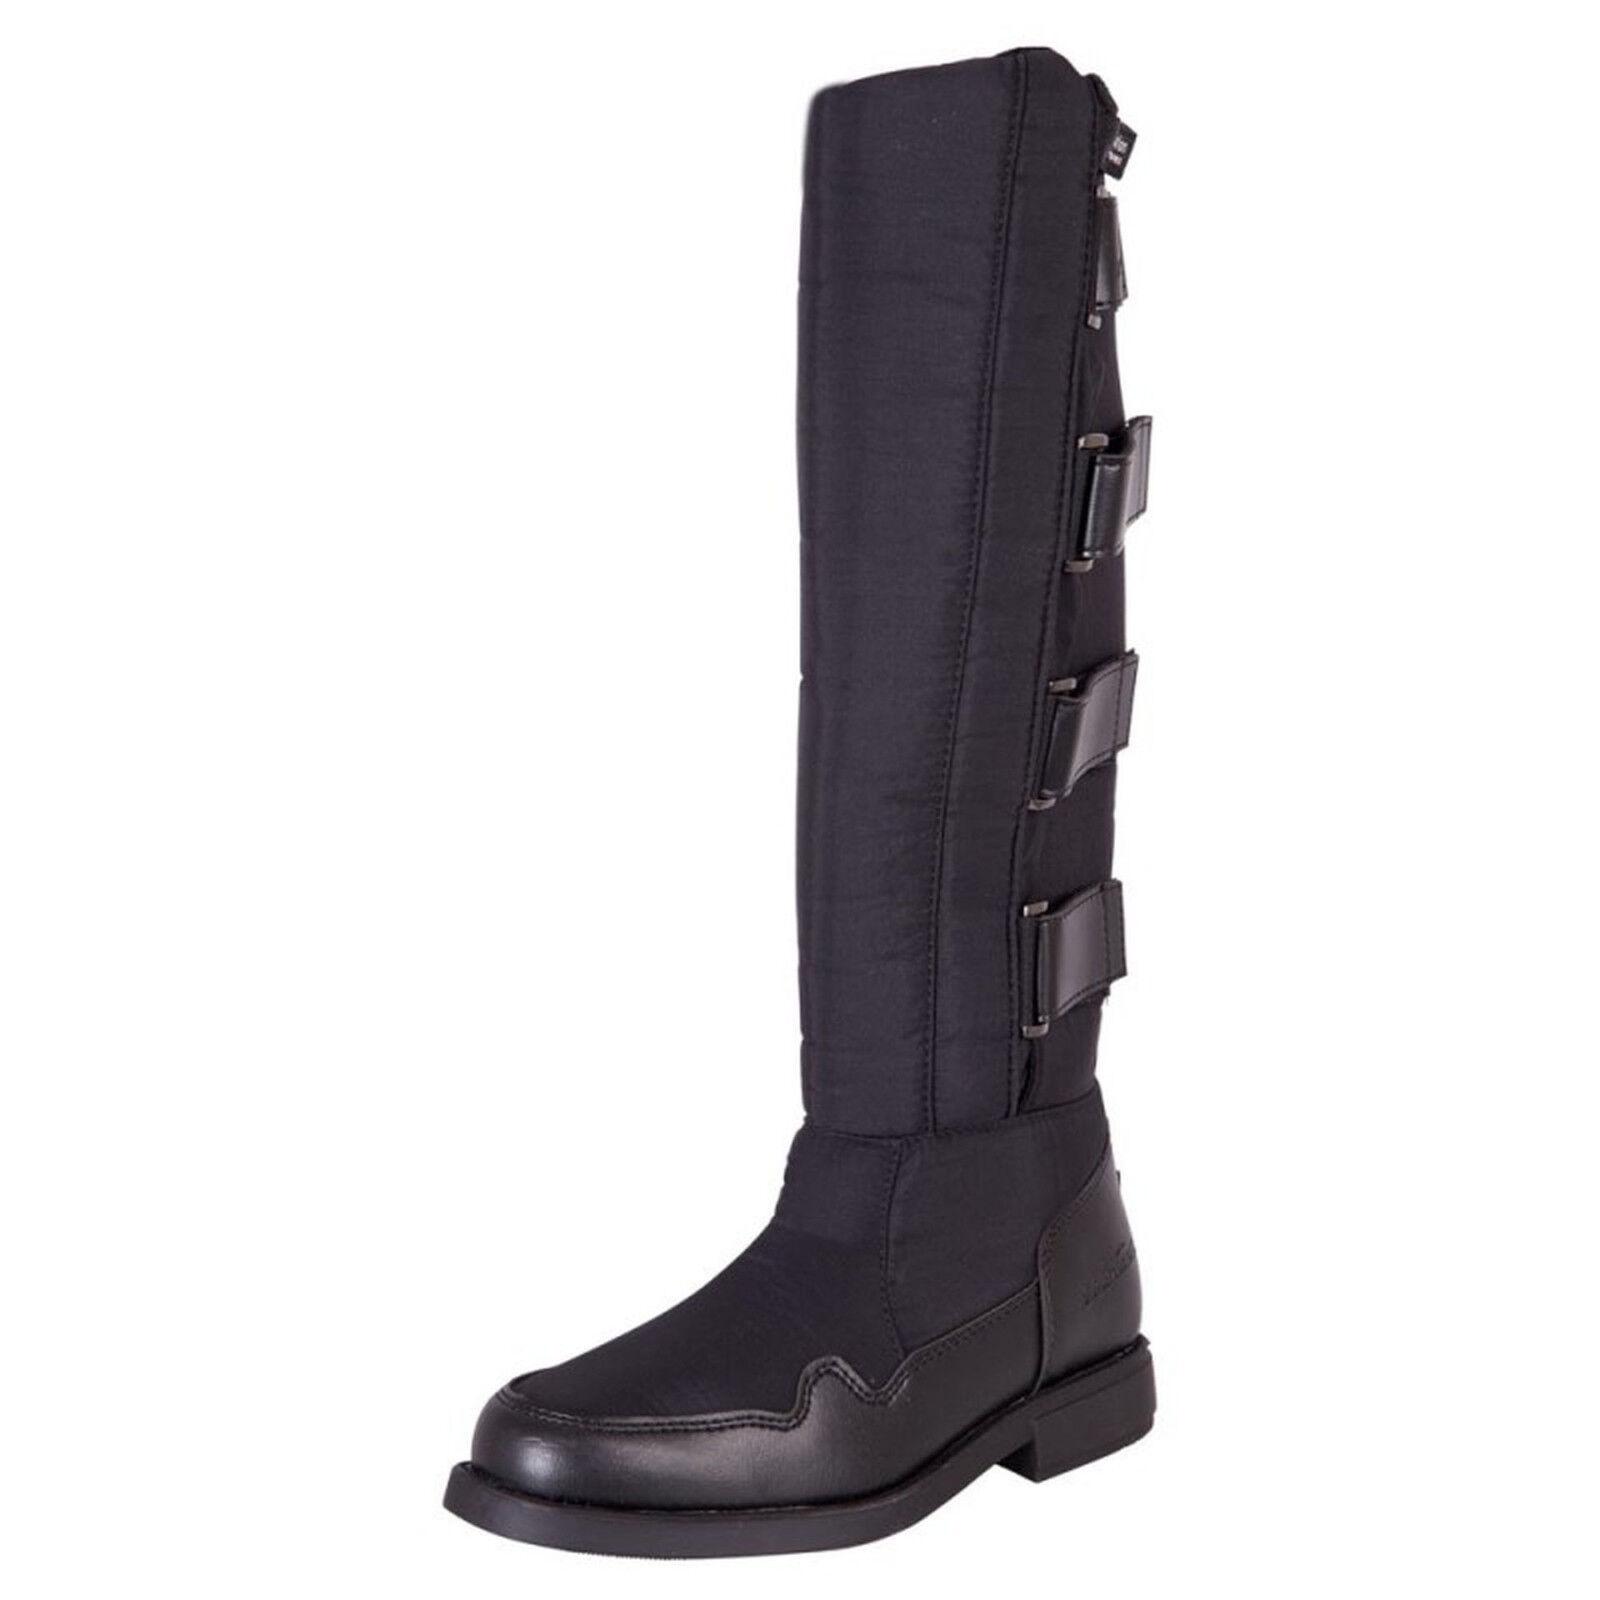 Premiere Winter-Reitstiefel schwarz Gr 38 - 42 wärmend, wasserabweisender Fuß  | Spielzeugwelt, spielen Sie Ihre eigene Welt  | Quality First  | Fairer Preis